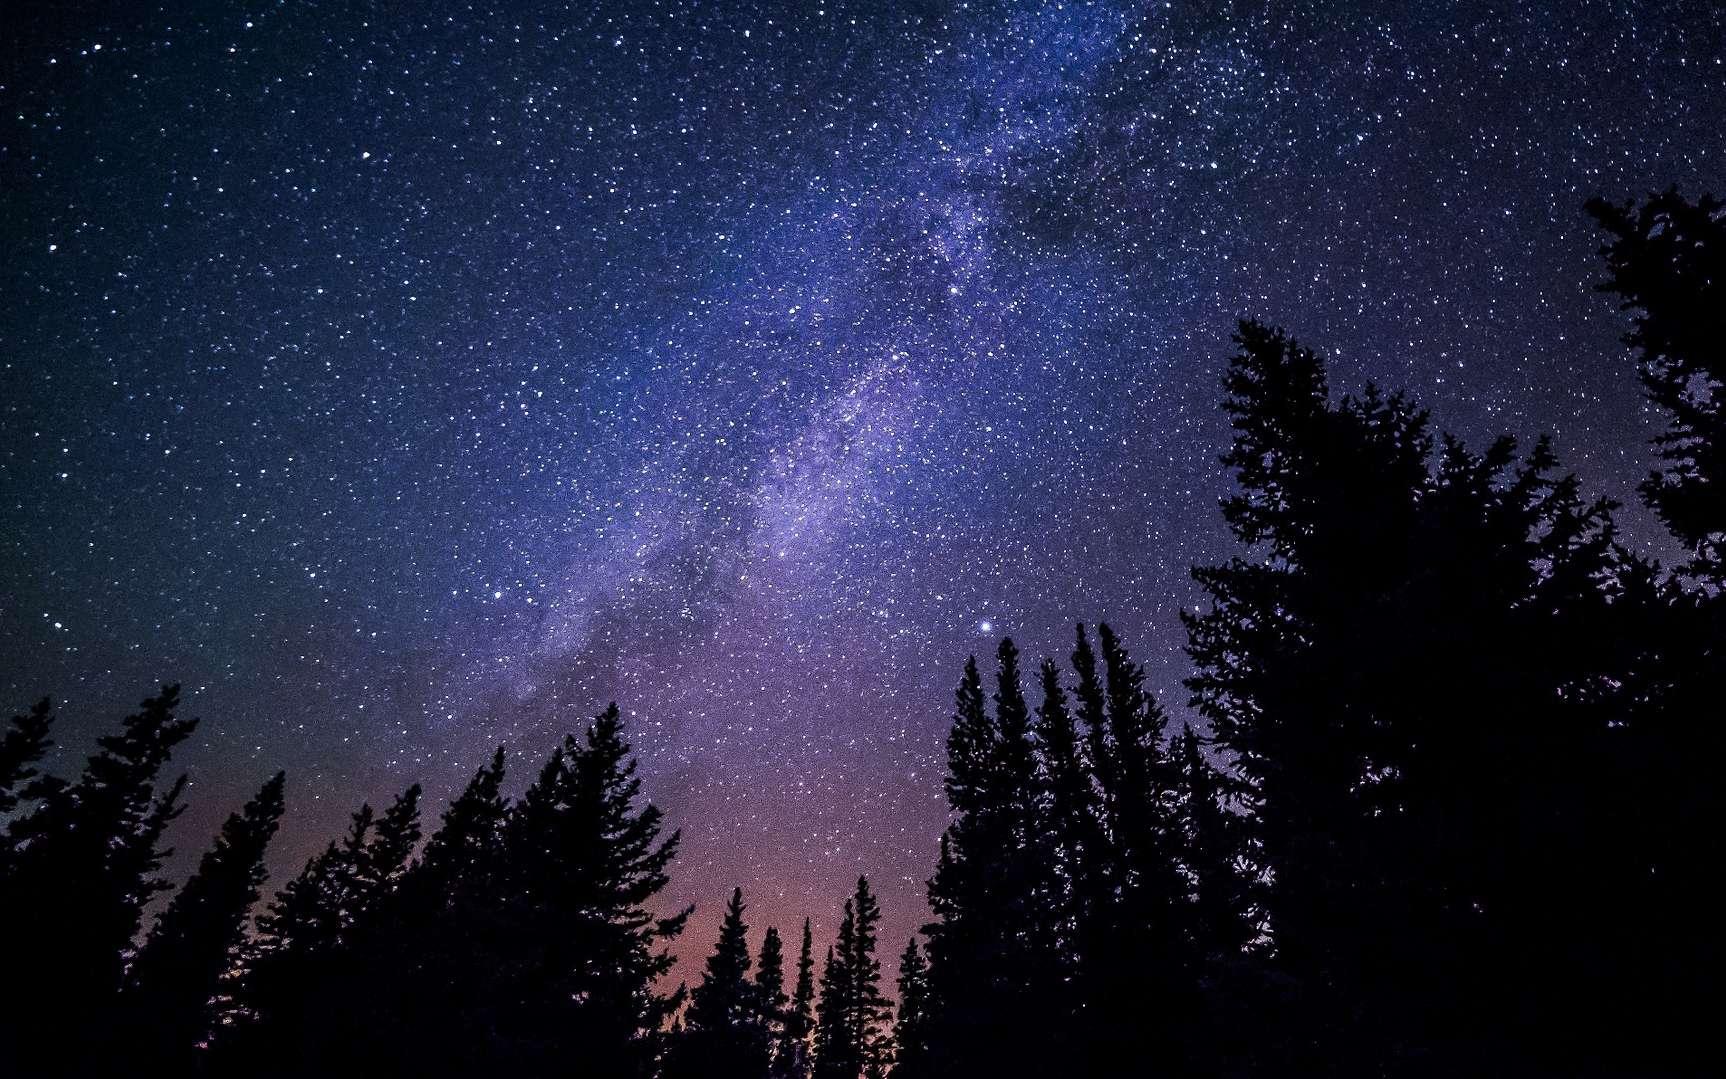 D'étranges signaux radio provenant d'une étoile proche ont été détectés. Ici, la Voie lactée. © Free-Photos, Pixabay, DP